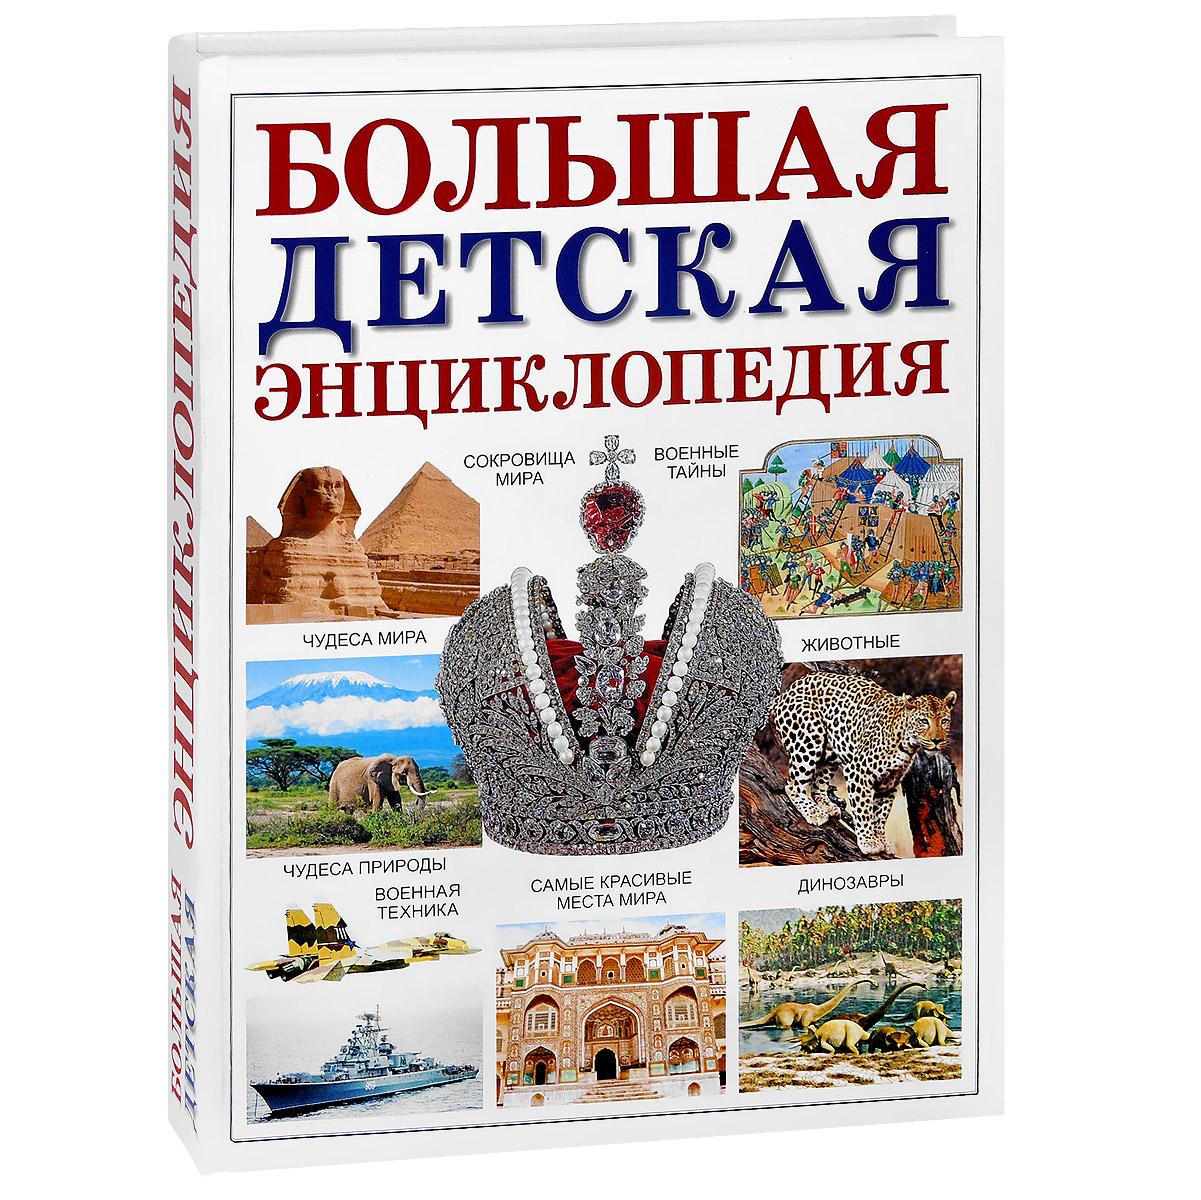 люблю энциклопедии с картинками второго этажа через